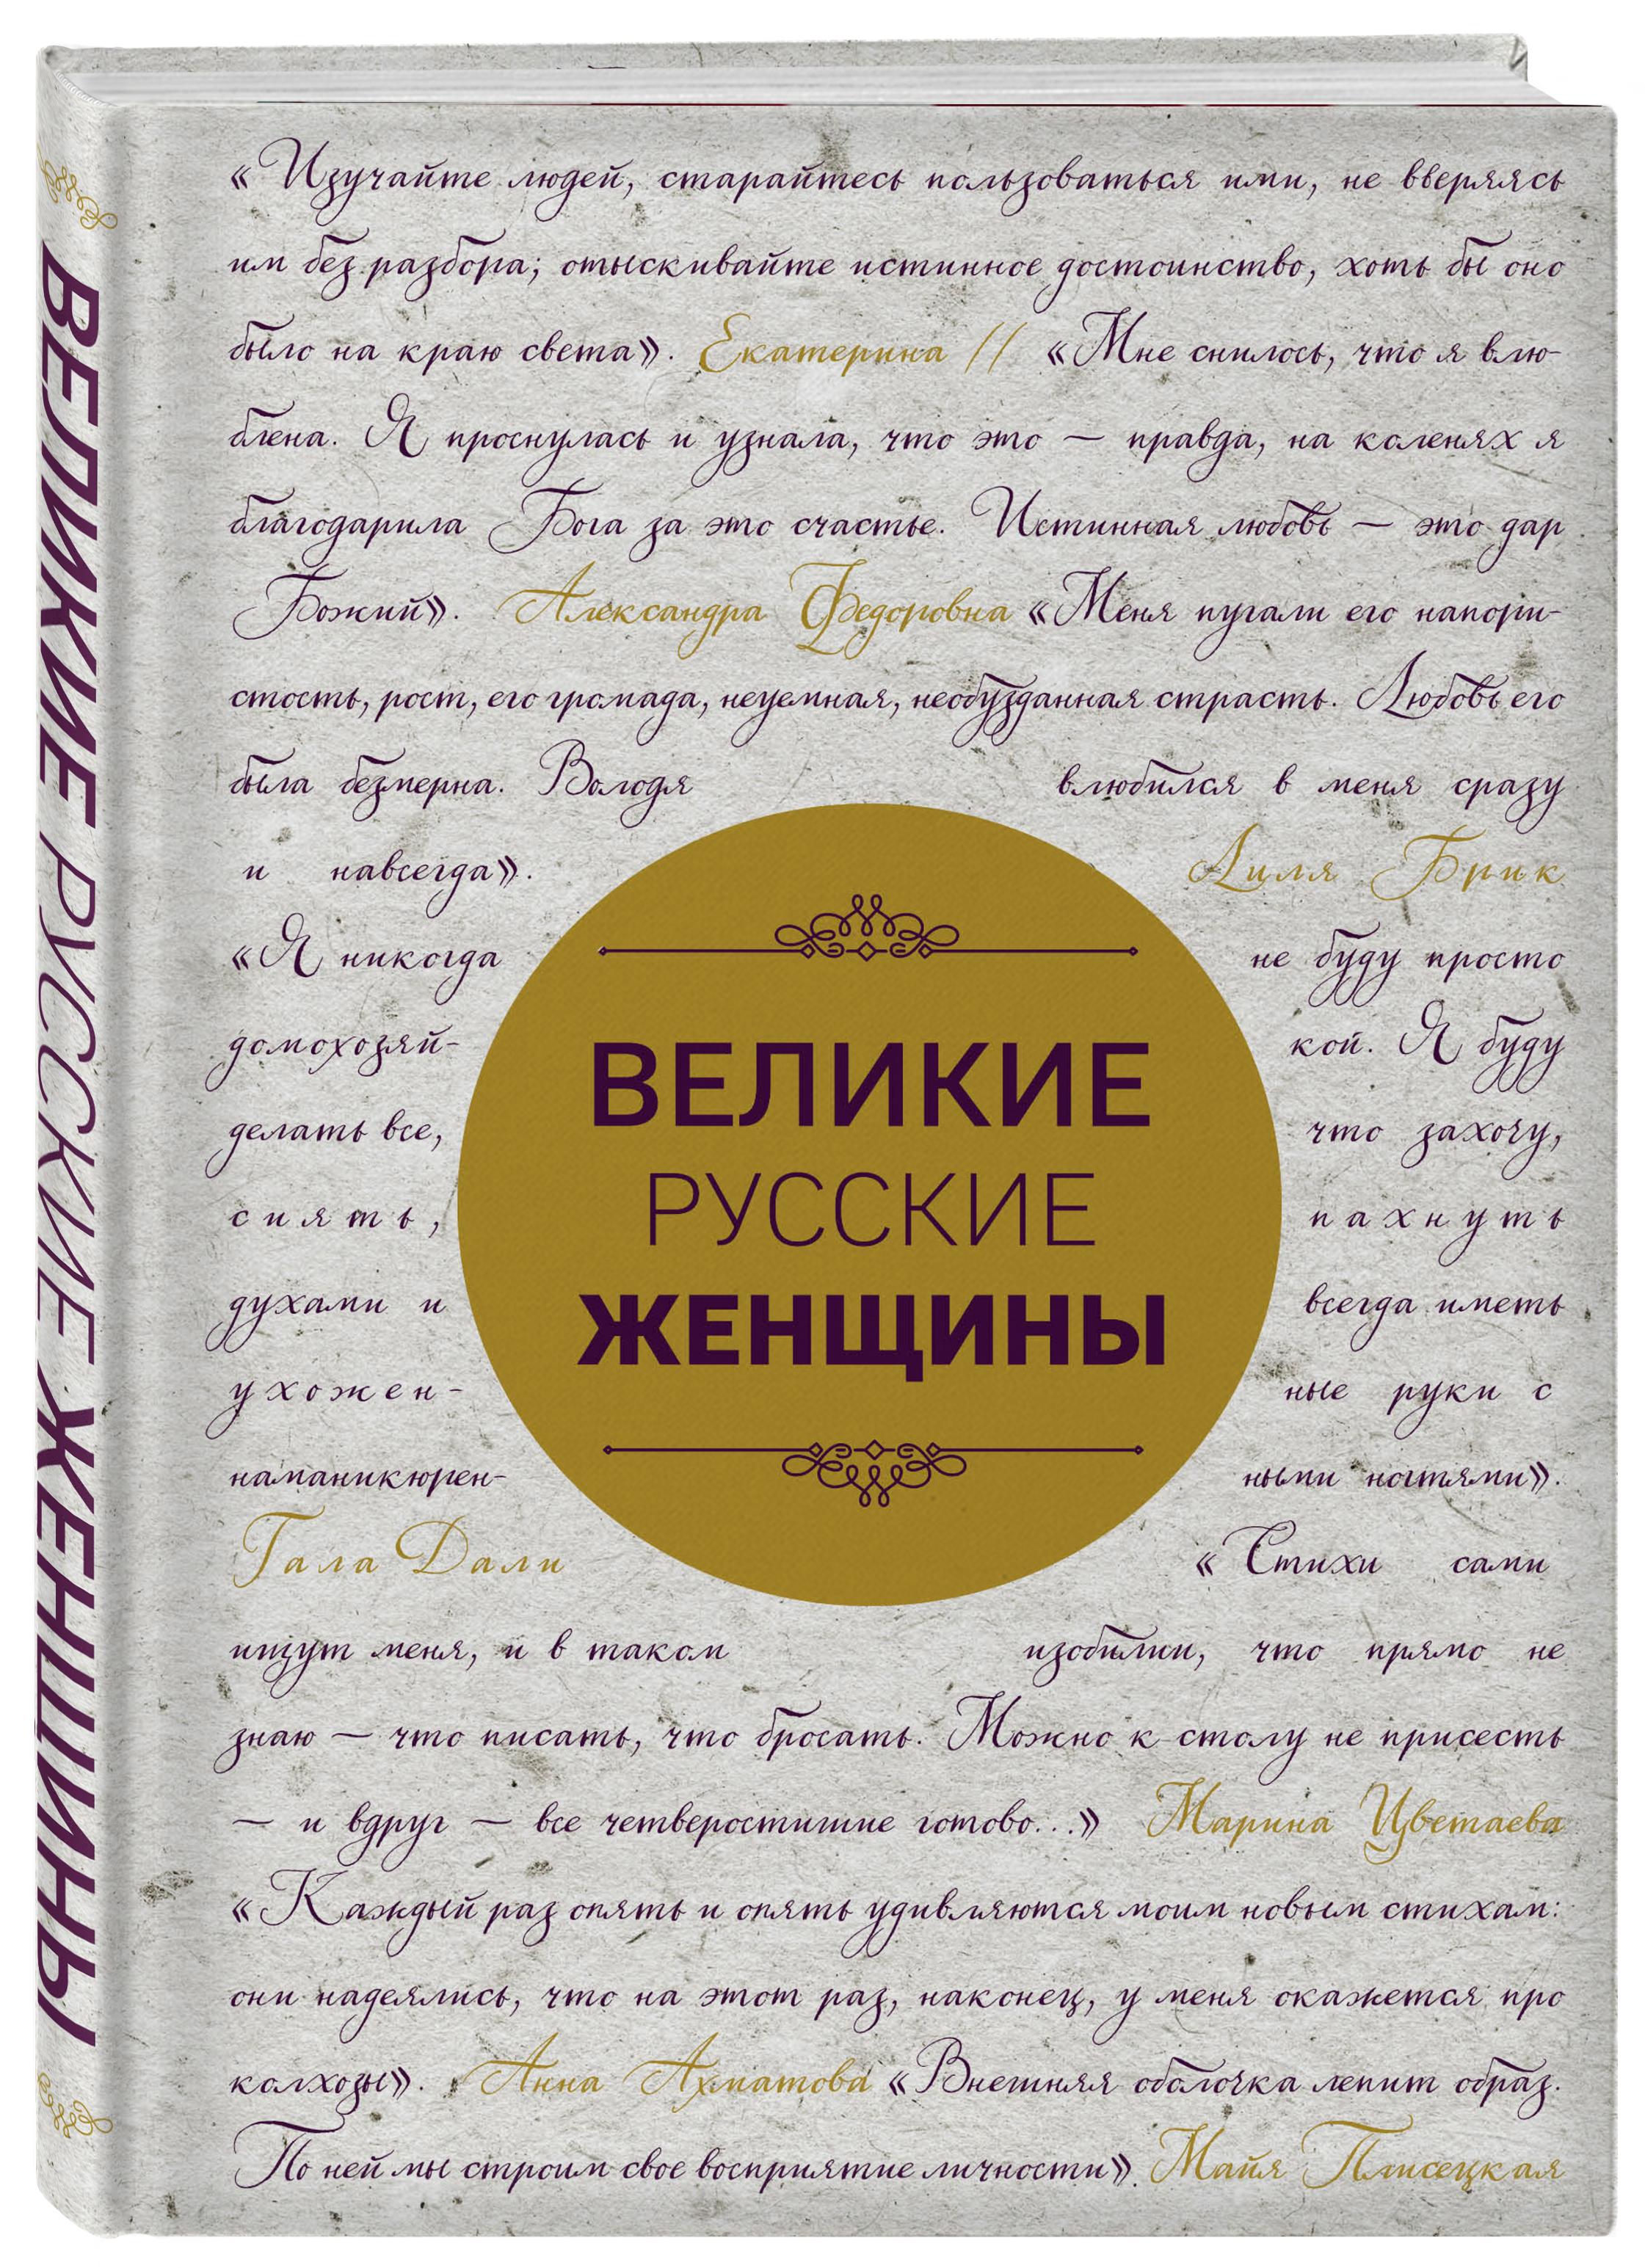 Великие русские женщины (шрифтовая) николай ефимович майя плисецкая рыжий лебедь самые откровенные интервью великой балерины